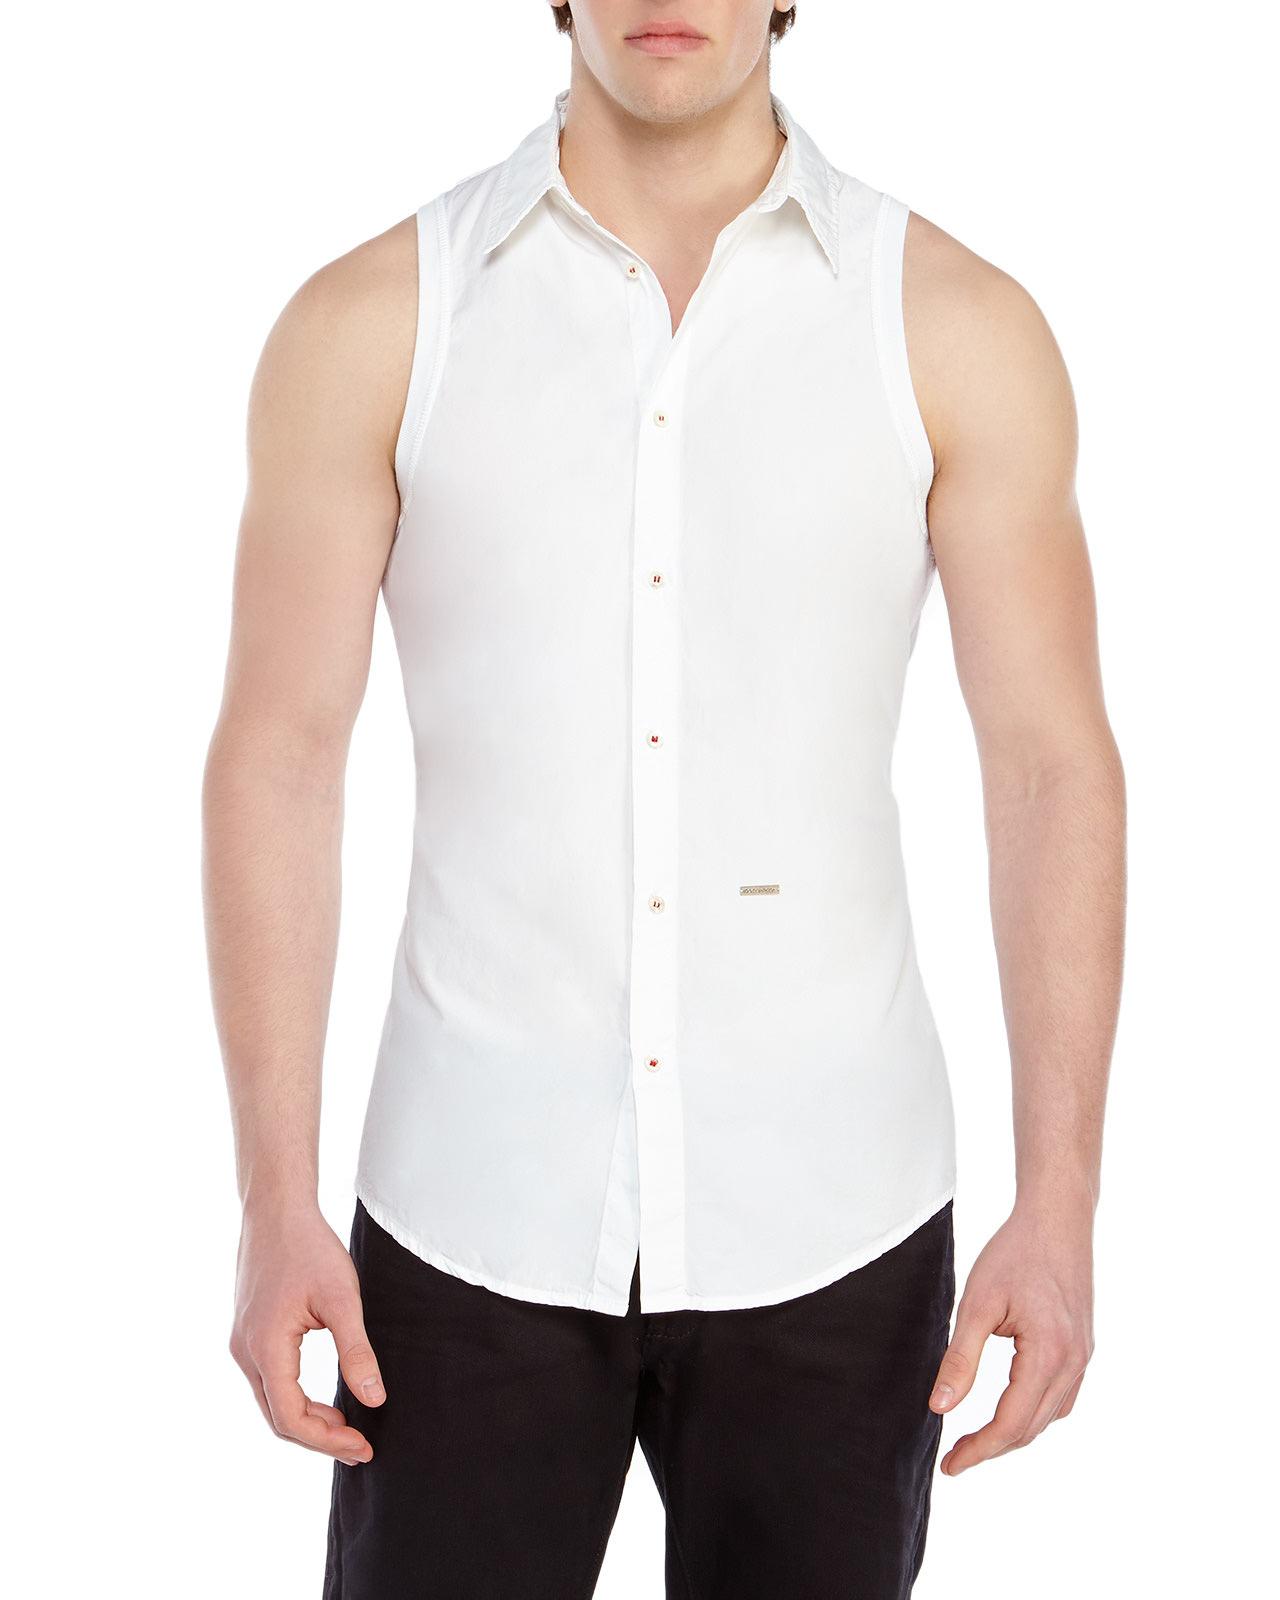 Dsquared² White Sleeveless Shirt in White for Men | Lyst